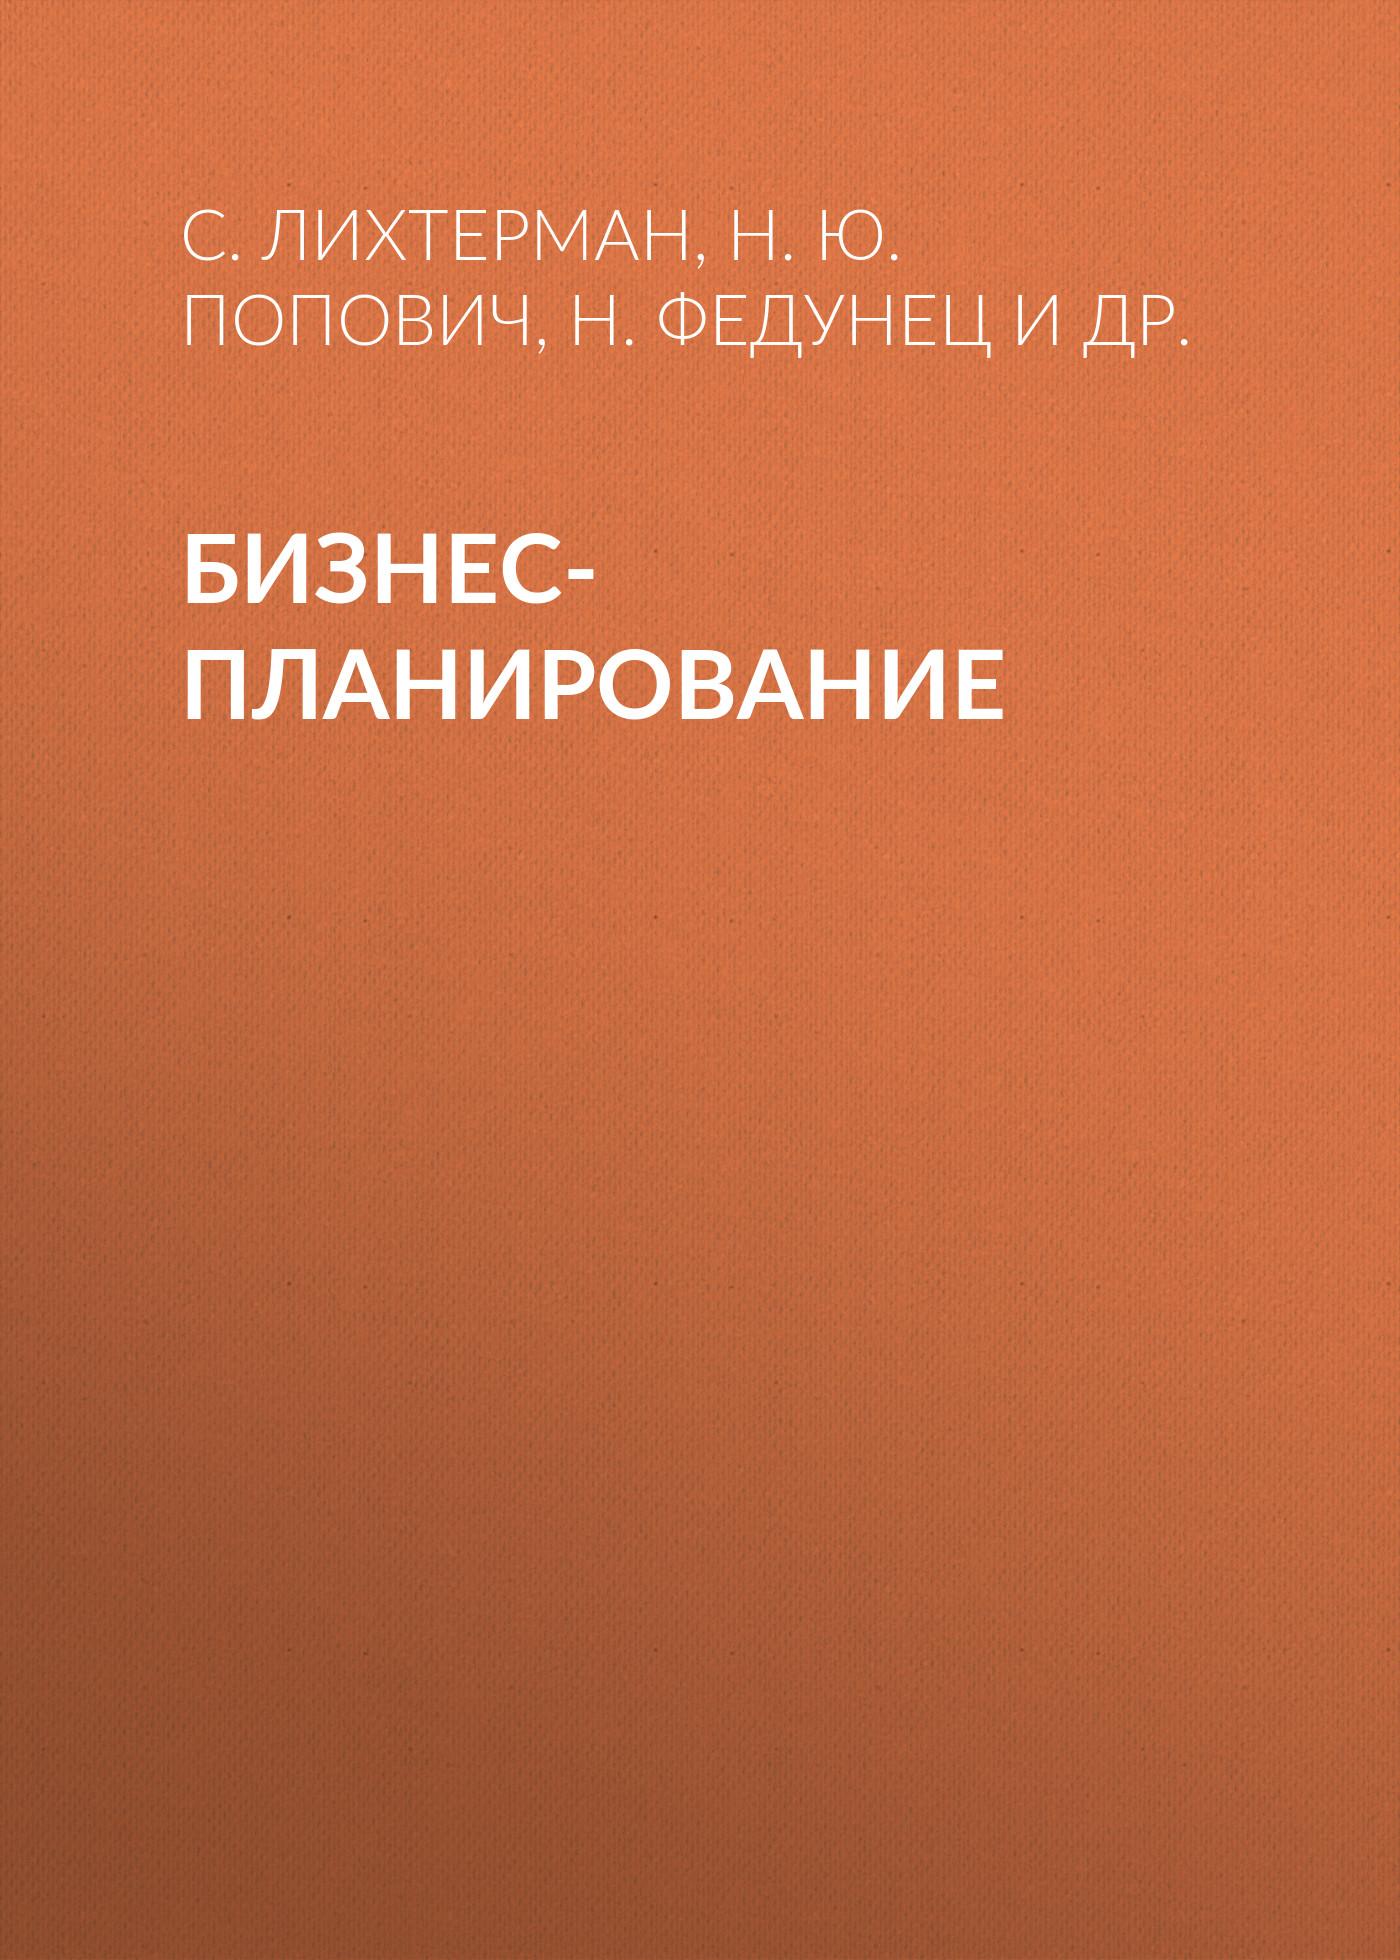 Н. Ю. Попович Бизнес-планирование б а баллод н н елизарова методы и алгоритмы принятия решений в экономике